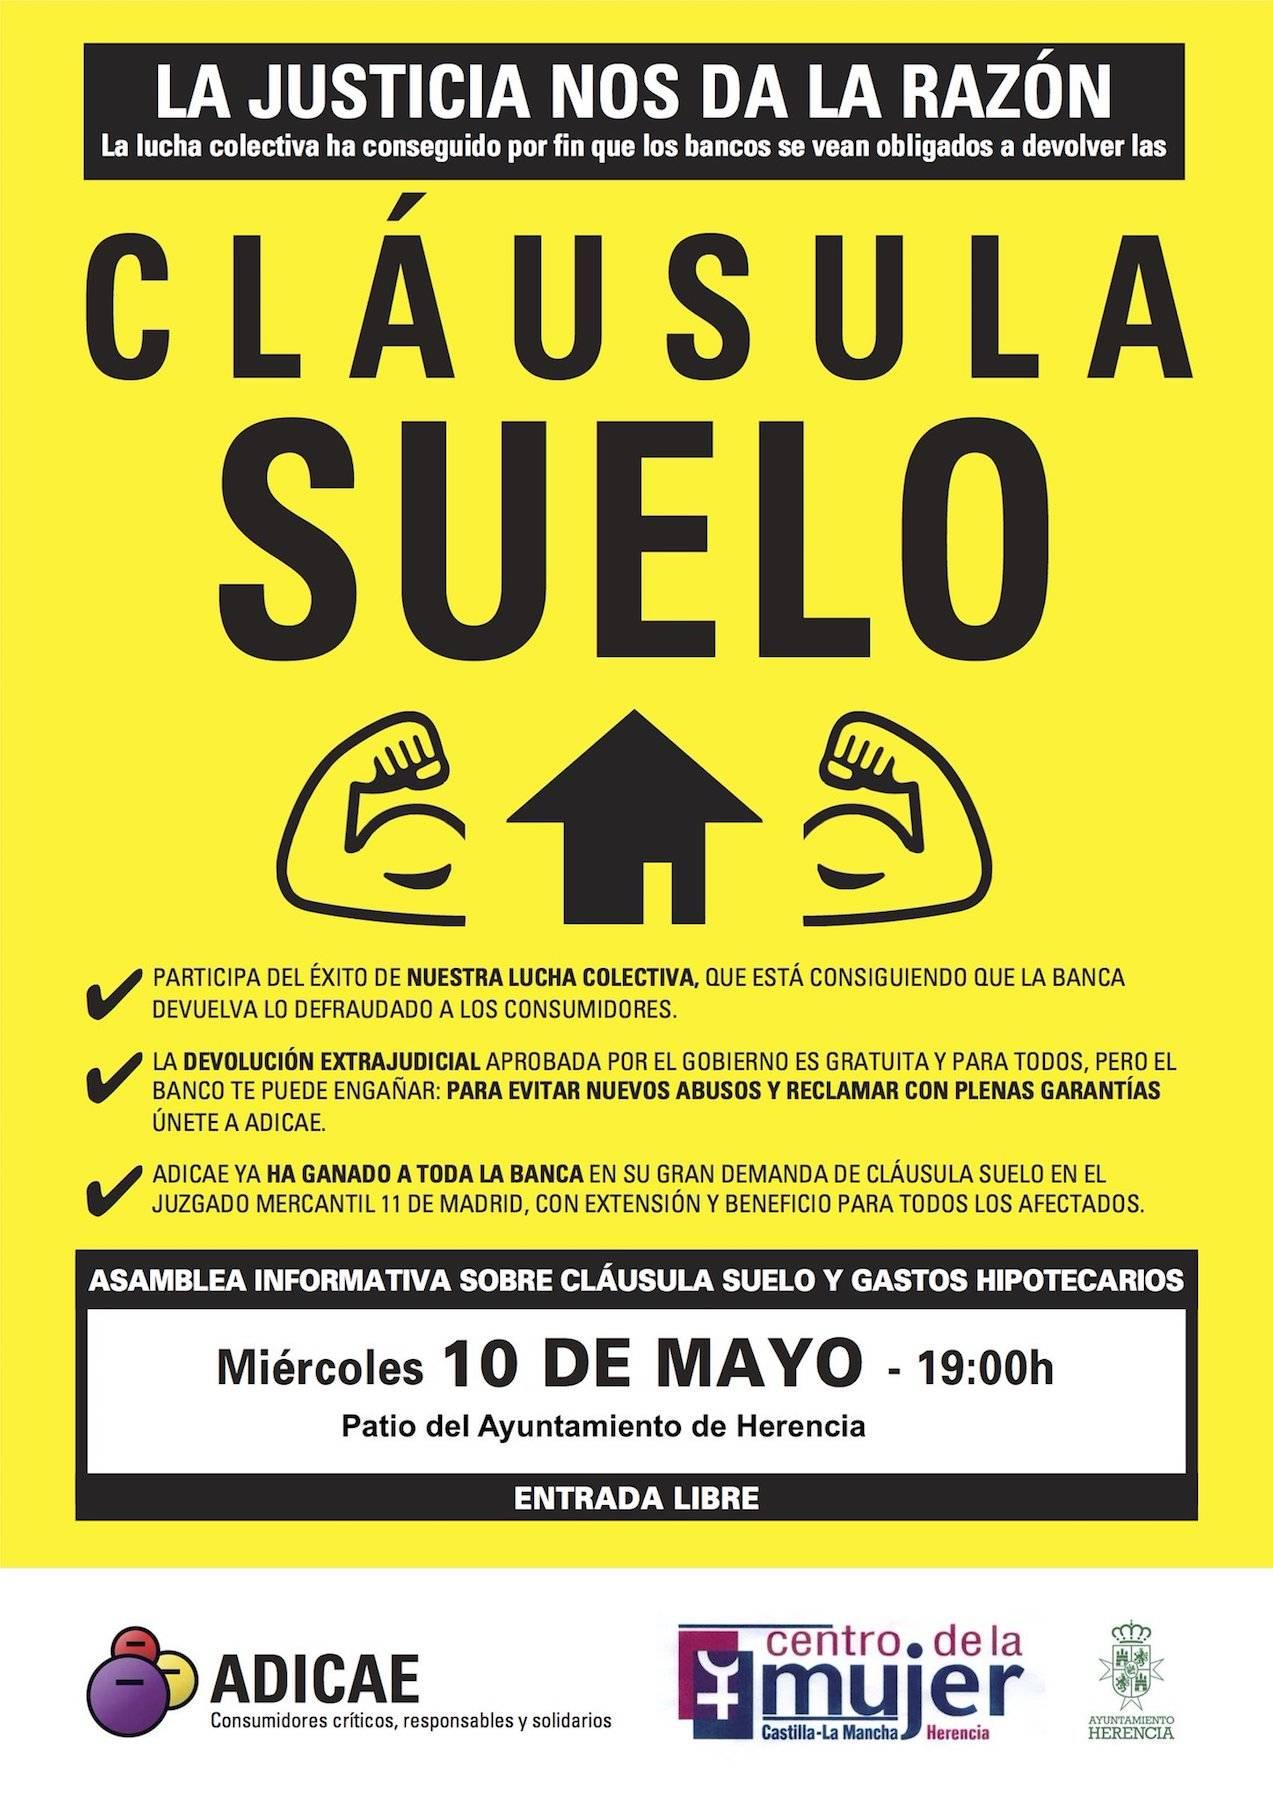 Asamblea informativa sobre la cl usula suelo el pr ximo 10 for Clausula suelo mayo 2017